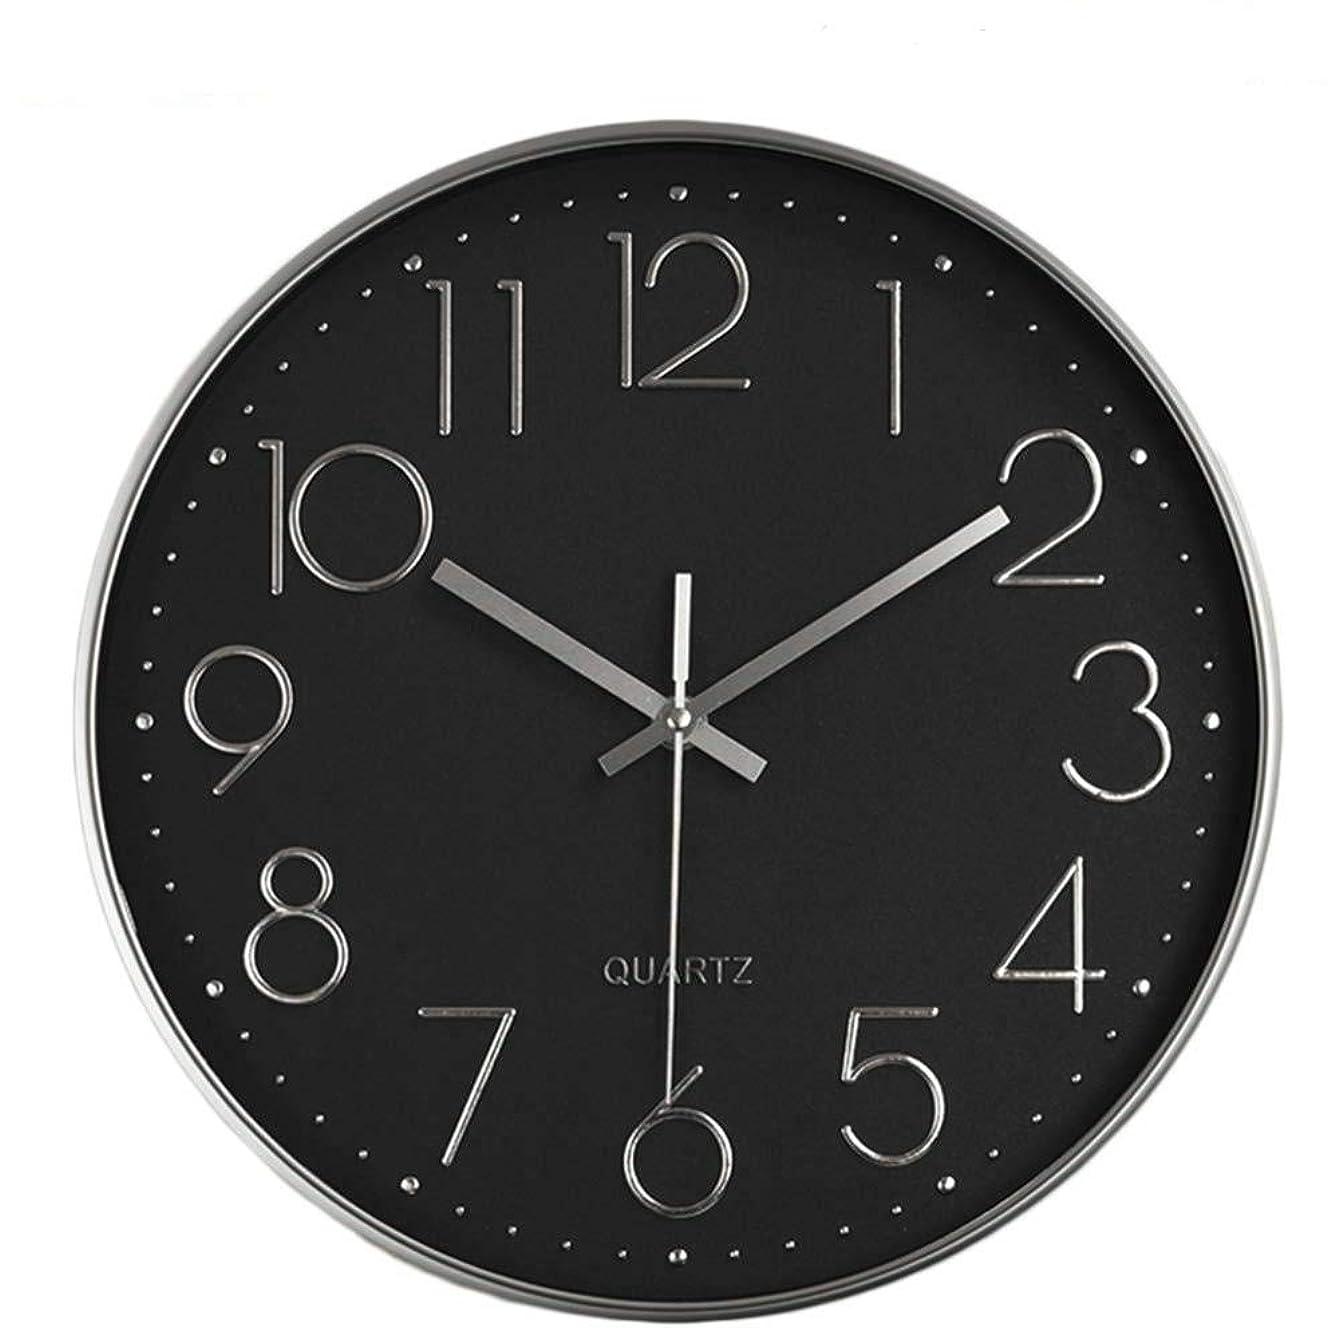 バドミントン旋律的放散する?掛け時計 壁掛け時計 おしゃれ 置き時計 北欧 連続秒針 静音 インテリア 掛時計 リッピング 掛時計 大数字 見やすい 30cm (ブラック)